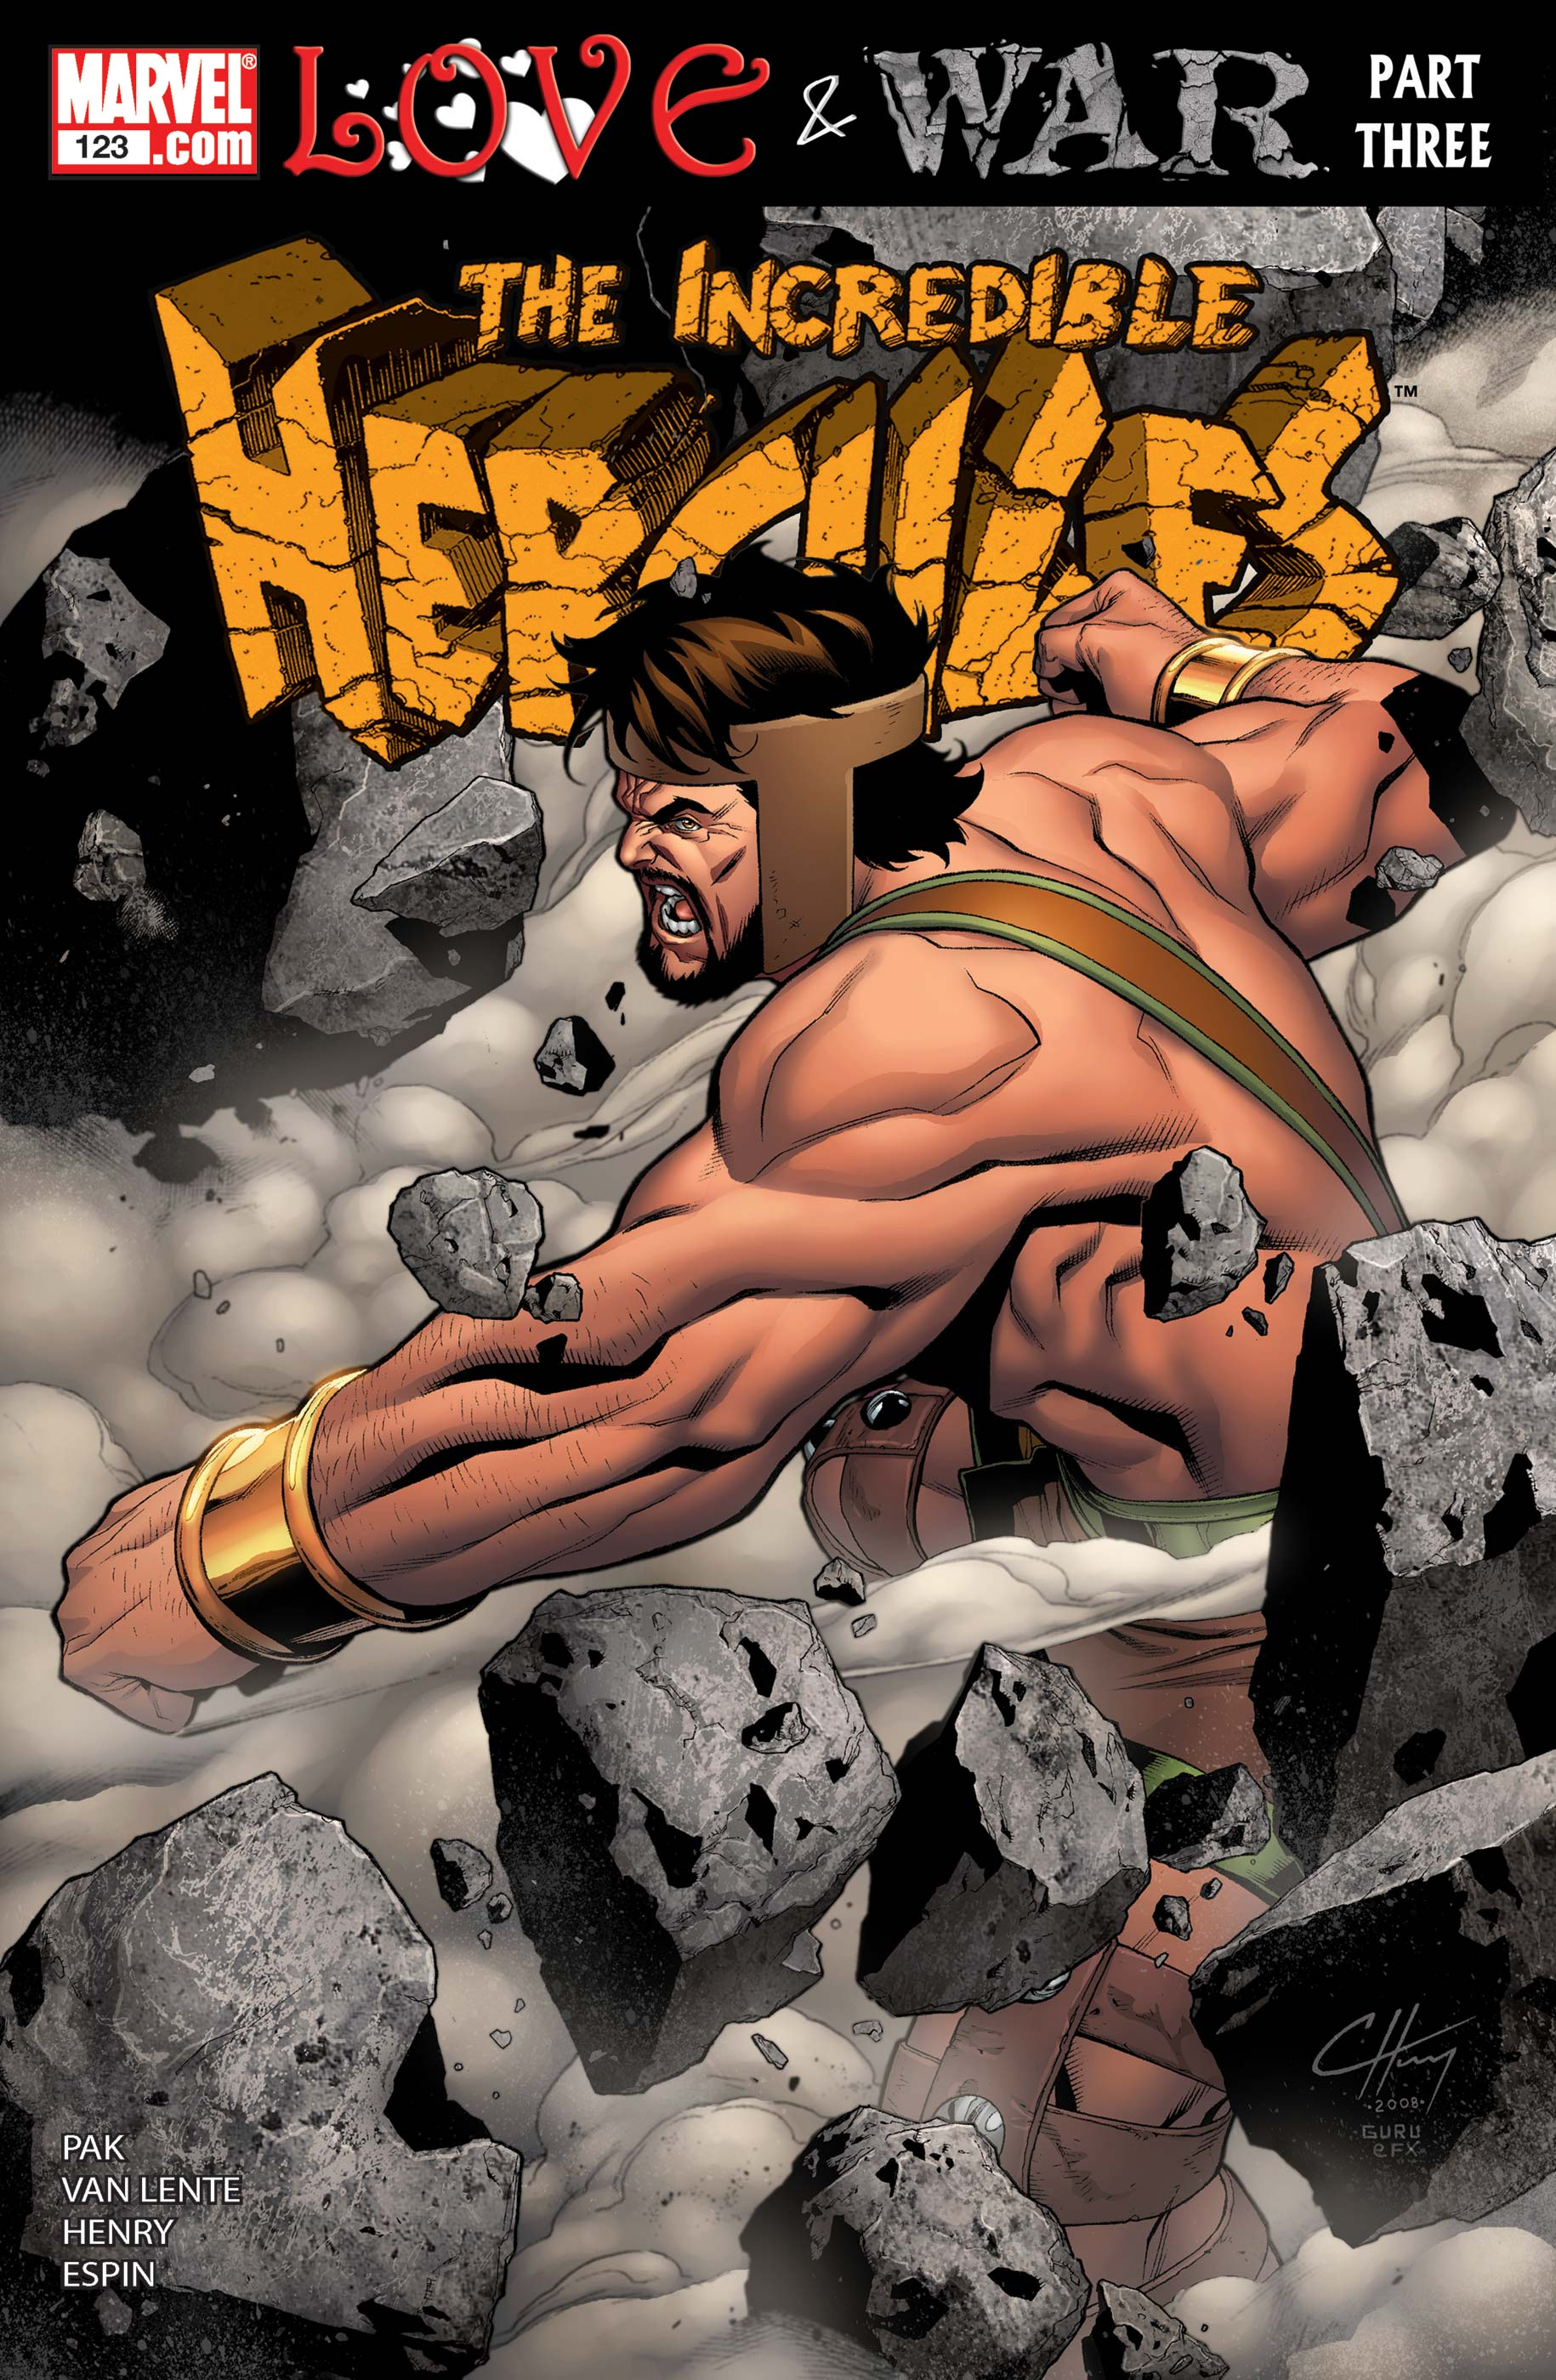 Incredible Hercules (2008) #123